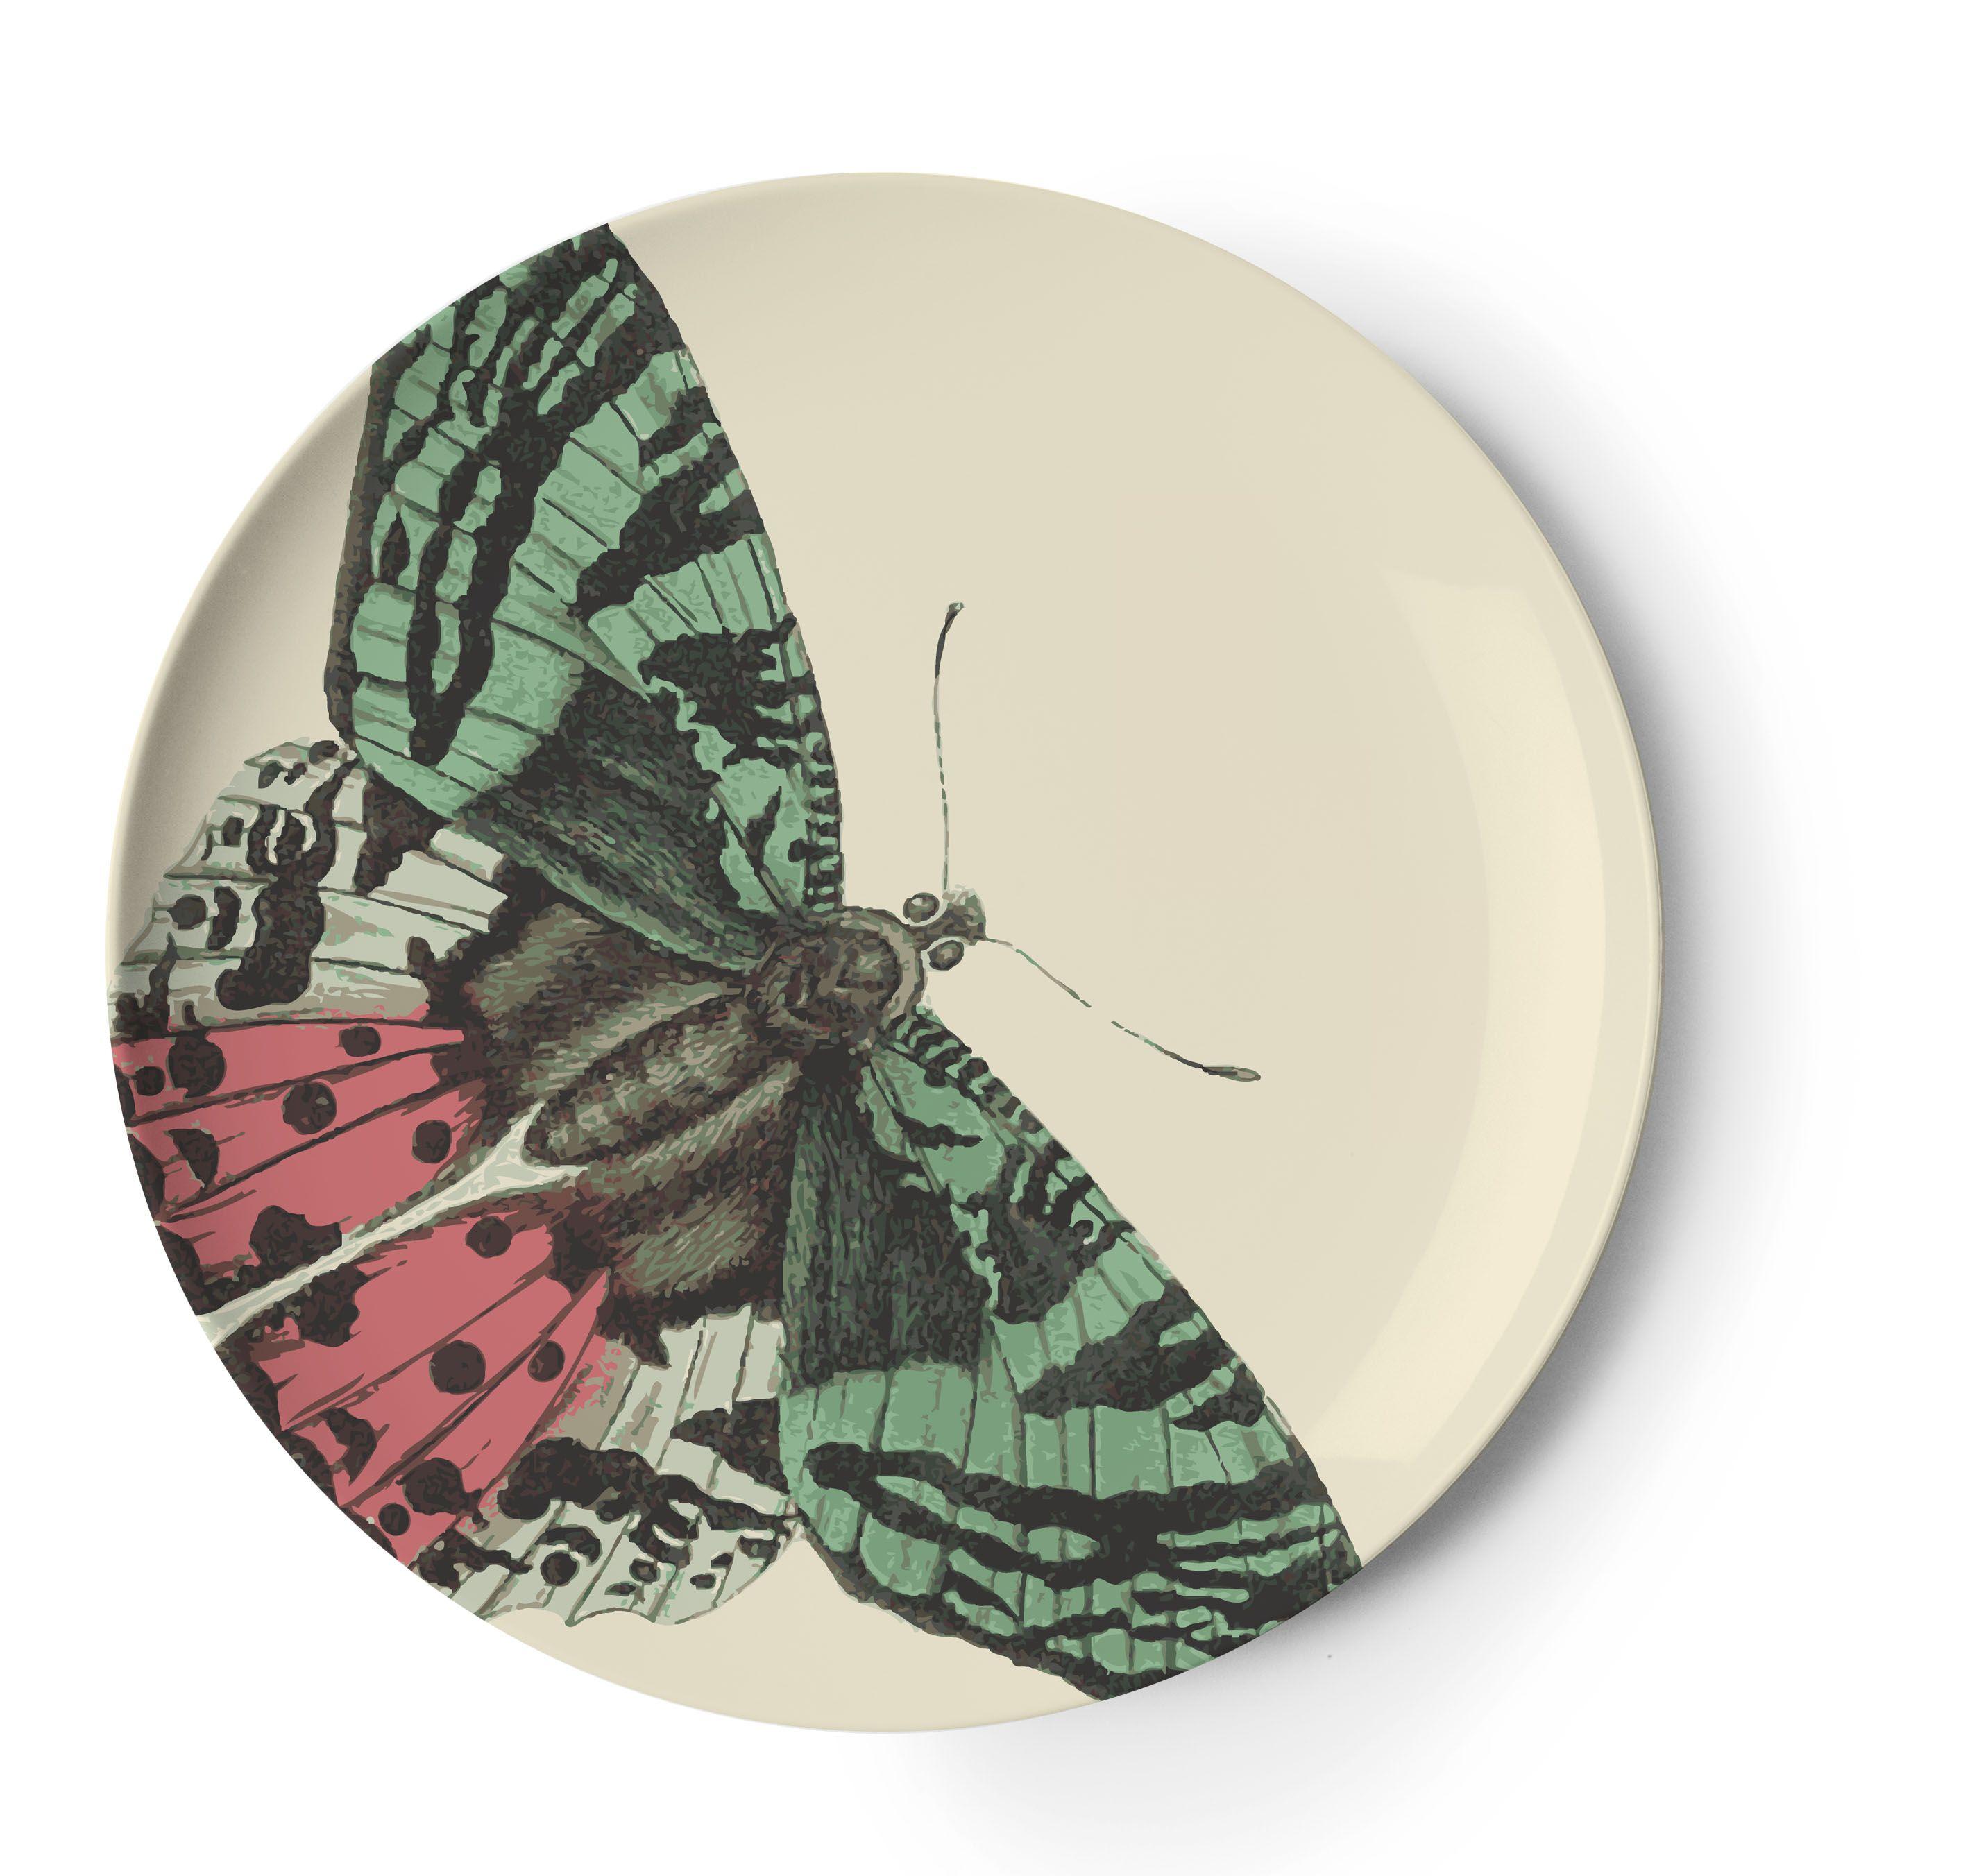 Metamorphosis Melamine by Thomaspaul - Side Plate (1 of a set of 4) #  sc 1 st  Pinterest & Metamorphosis Melamine by Thomaspaul - Side Plate (1 of a set of 4 ...